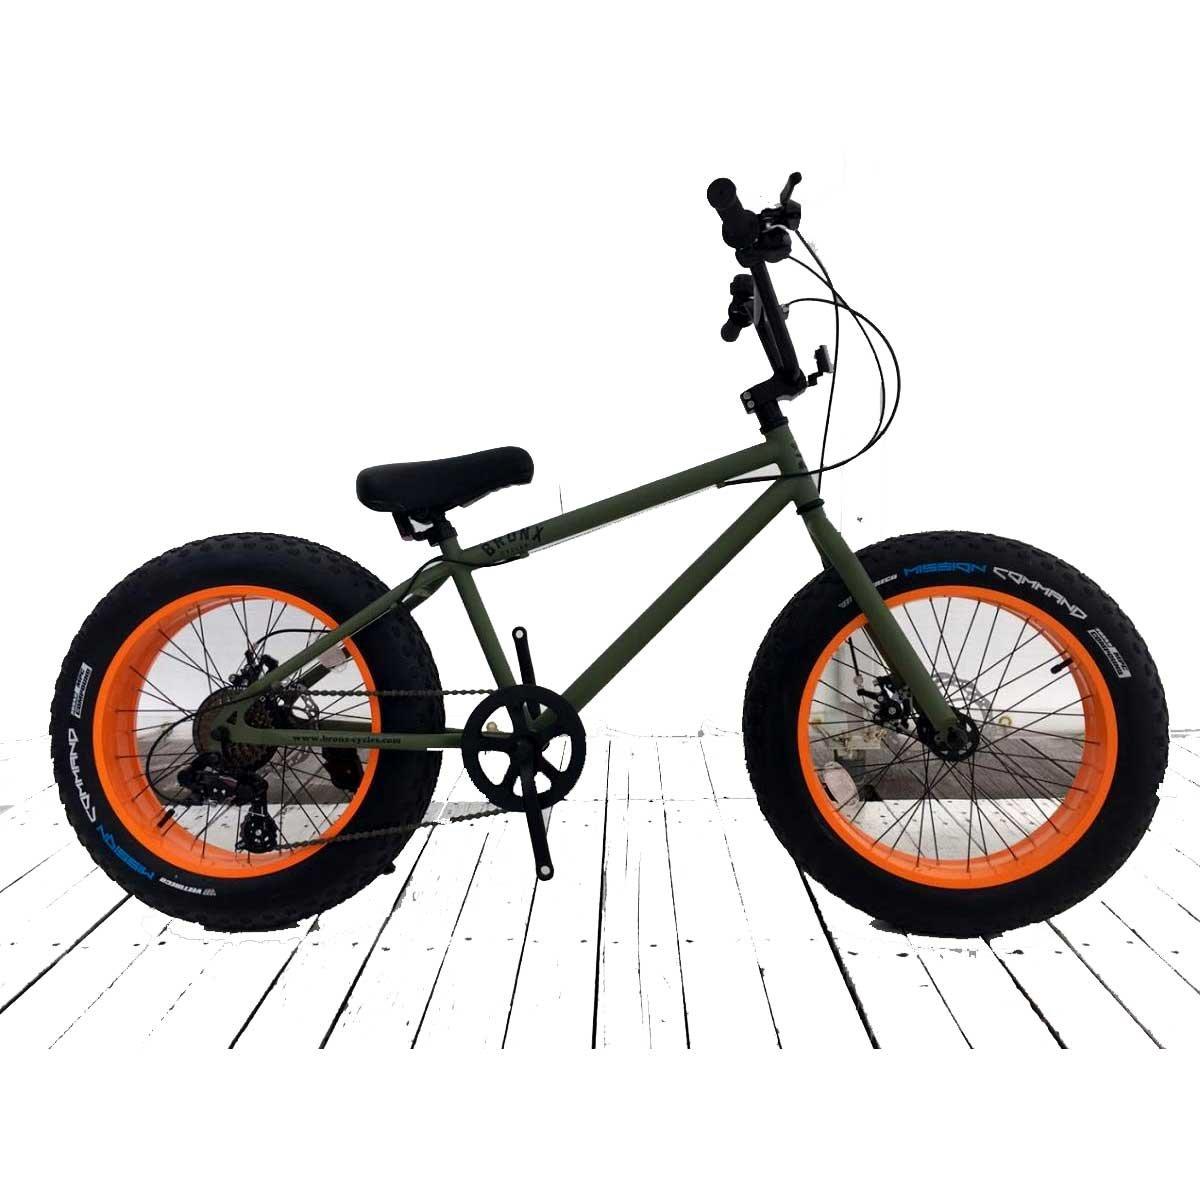 20inchBRONX-DD 【ブロンクス 20inch 変速付きミニベロファットバイク】 B076GLQ79K  アーミーグリーン×オレンジリム